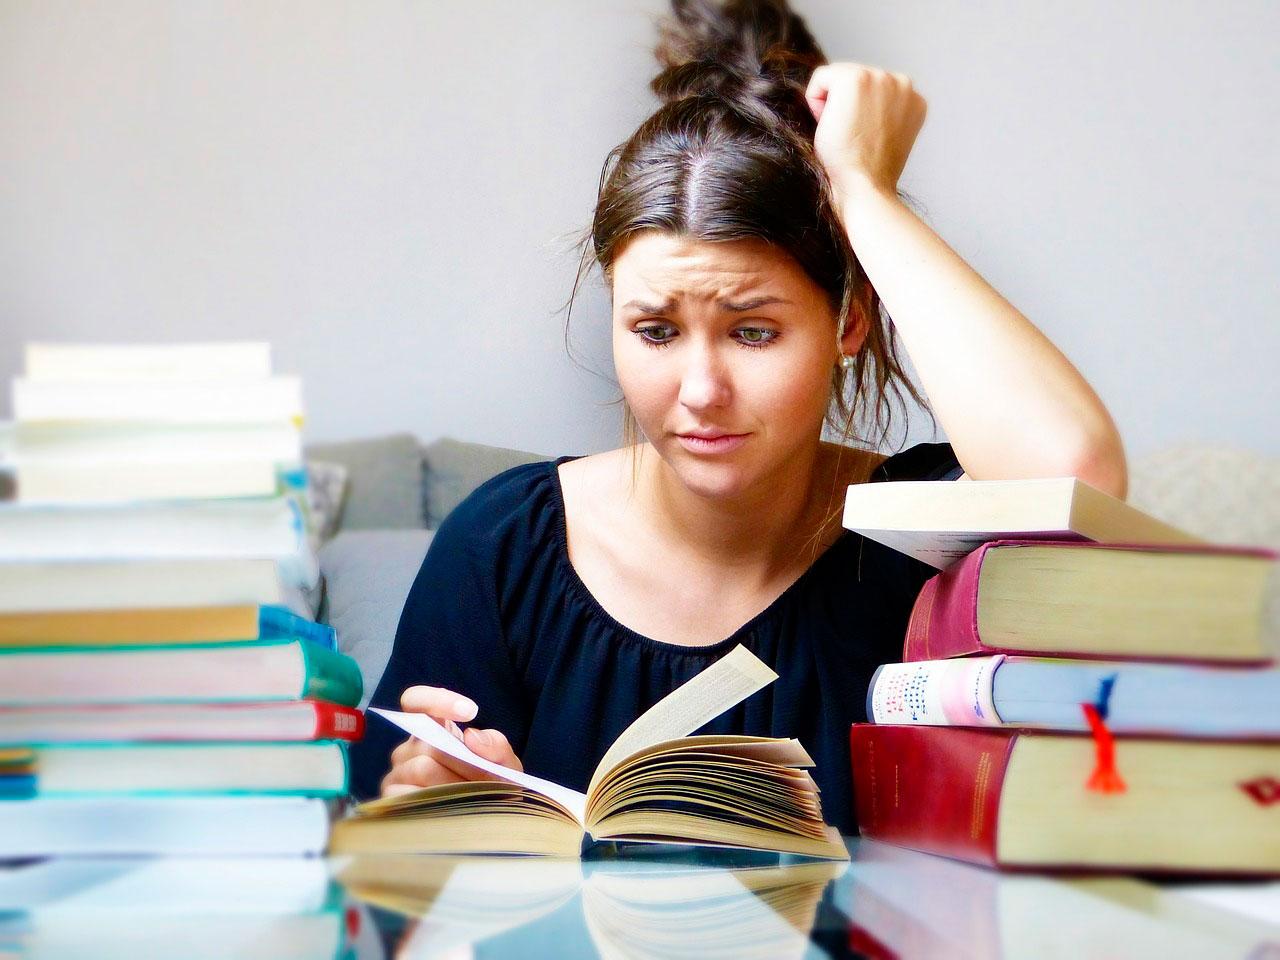 Estresse | Reações alérgicas provocadas pelo estresse